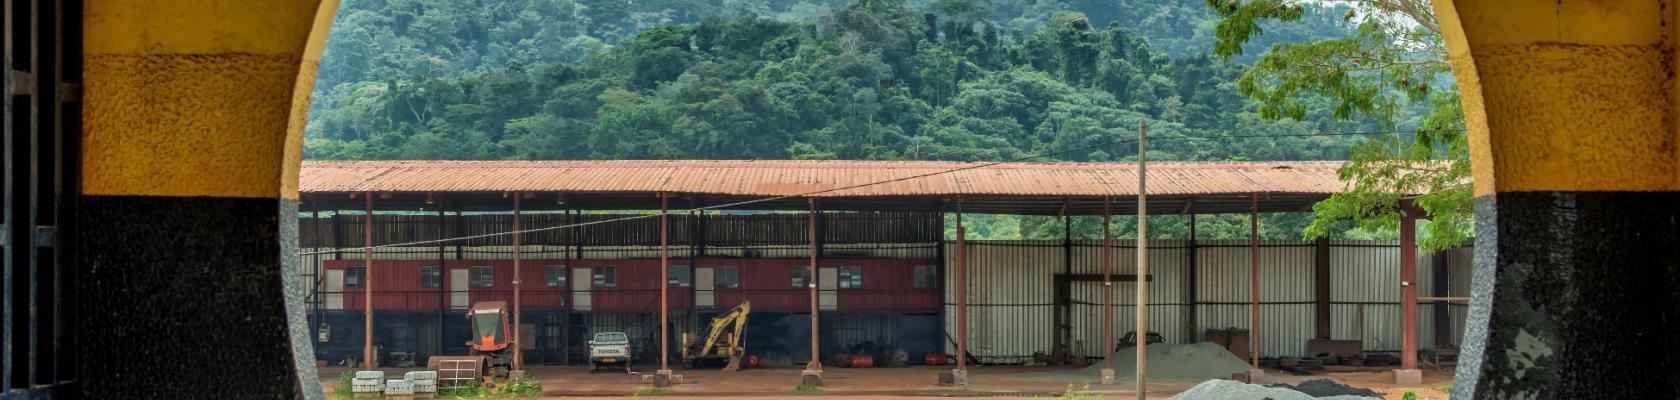 nature, sheds, Gabon, Sonier Issembé